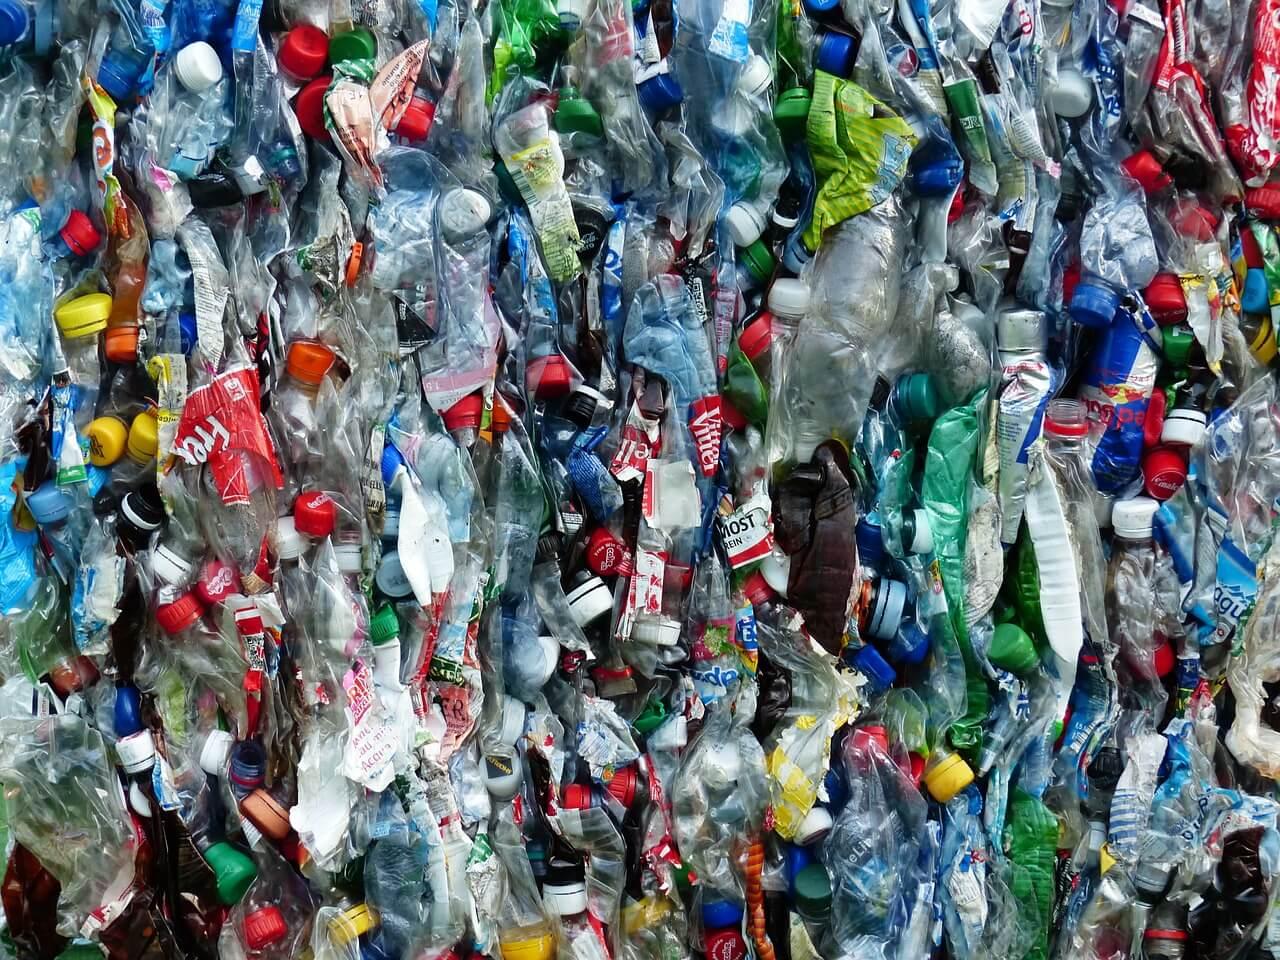 Çin'den Sonra Hindistan da Plastik Atık İthalatını Yasakladı